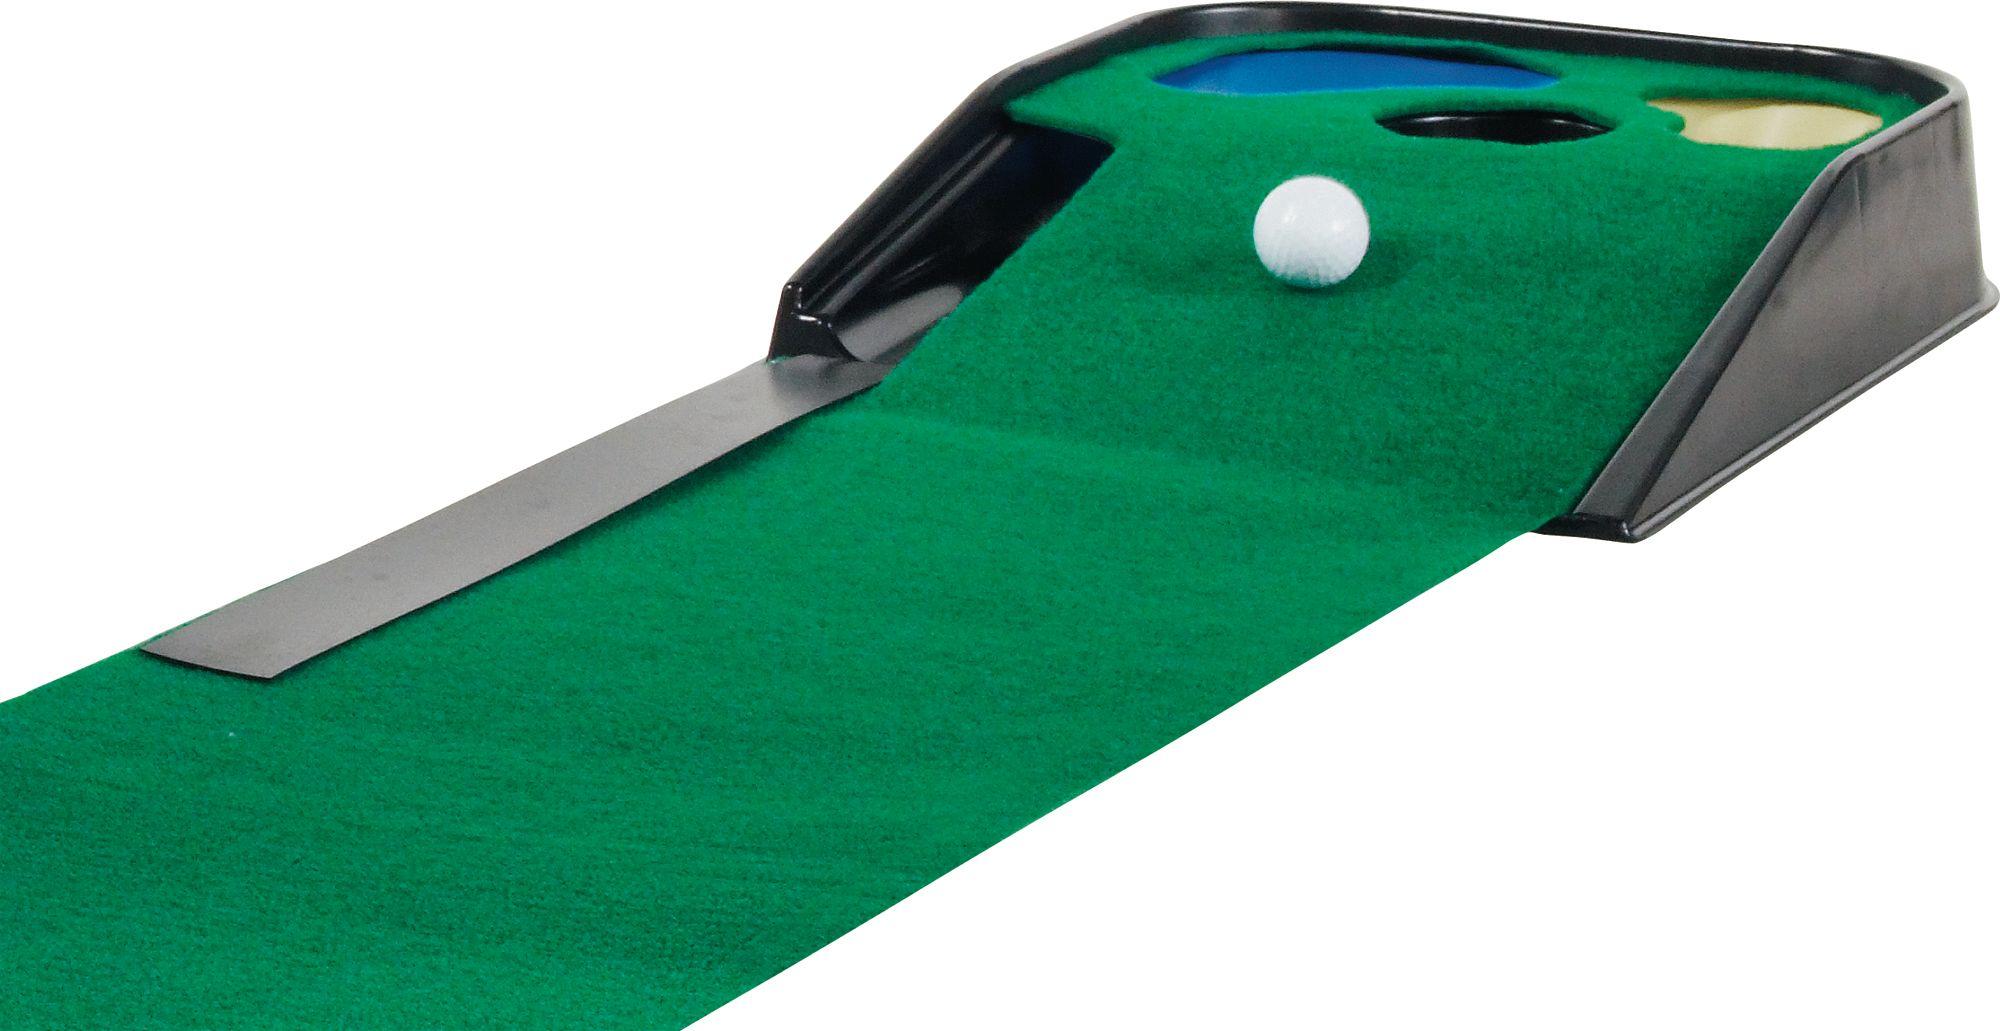 Maxfli Dual Hazard Auto Return Putting Mat Golf Galaxy